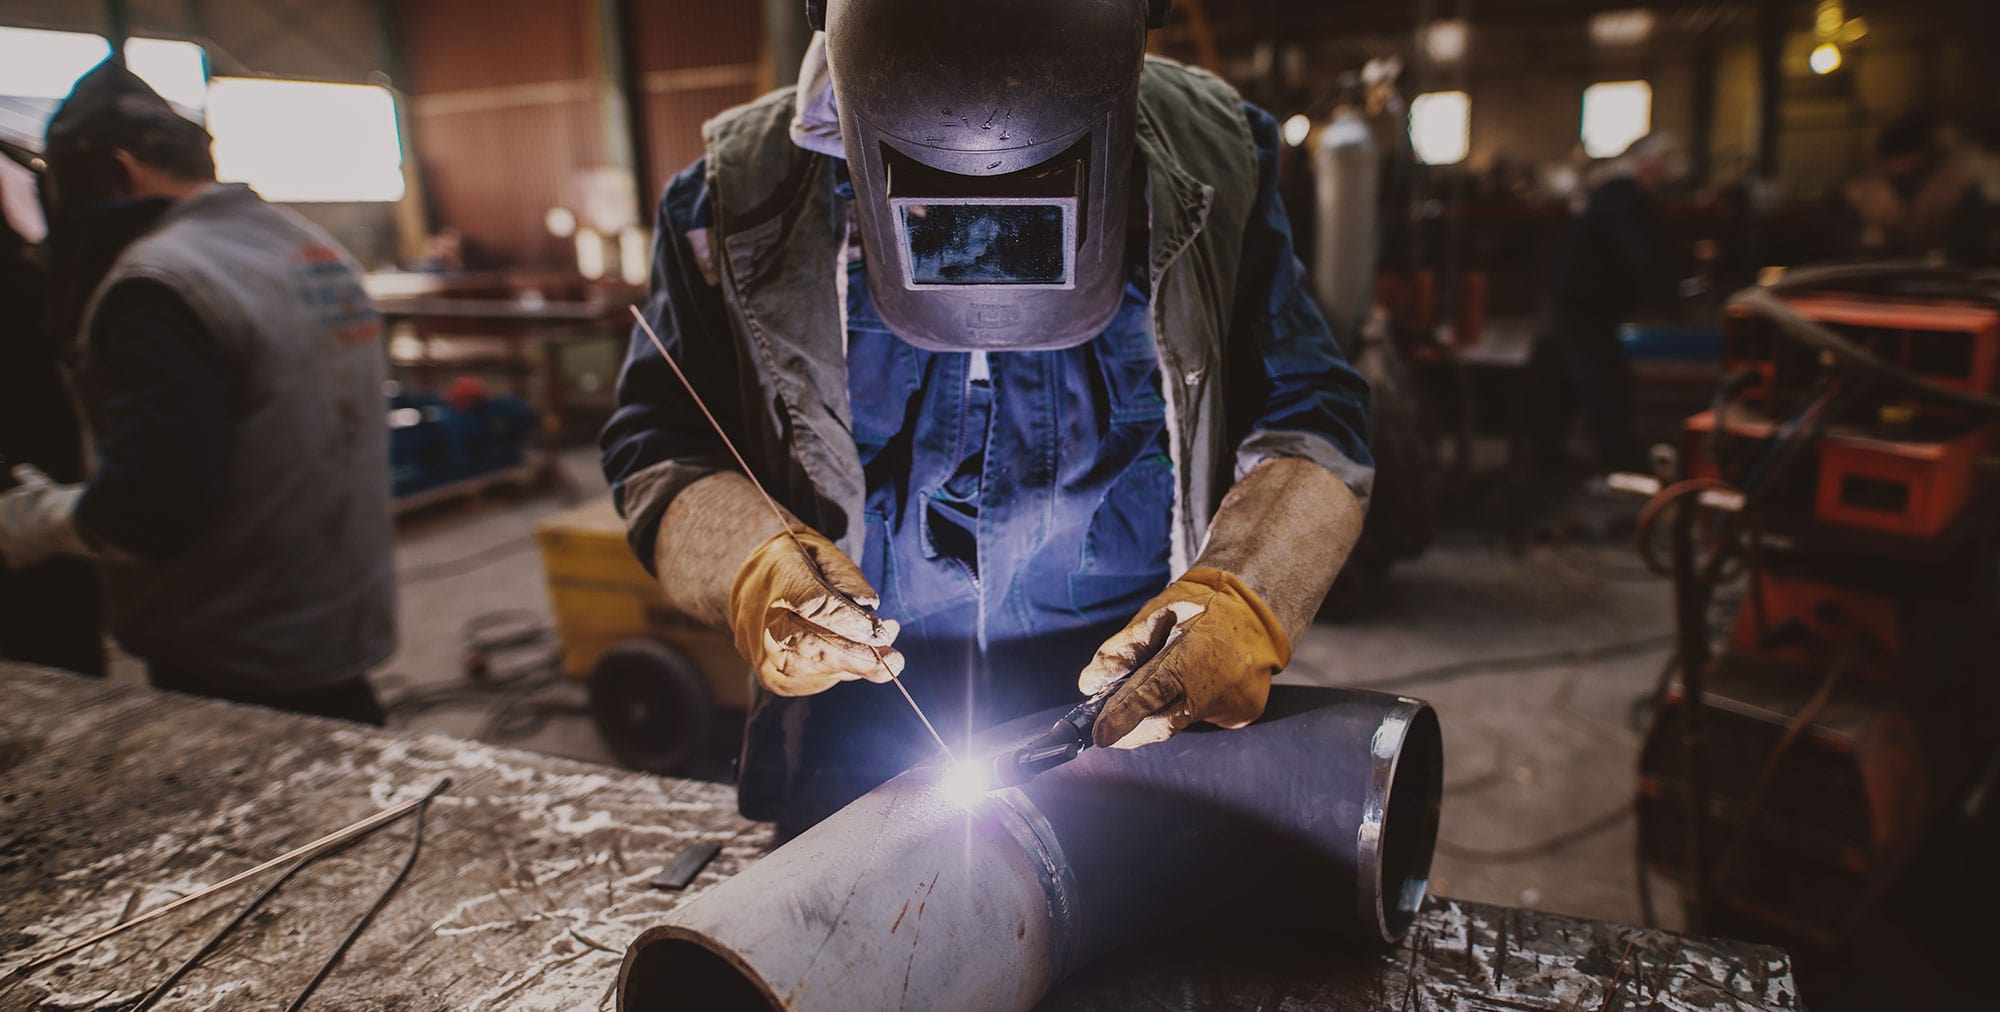 Zámečnictví Nováček s.r.o., specialisté na kovovýrobu, ocelové konstrukce, ploty, schodiště, ocelové haly, kontejnery, dopravníky. Na fotografii vidíte detail sváření ocelové konstrukce ve výrobním provozu